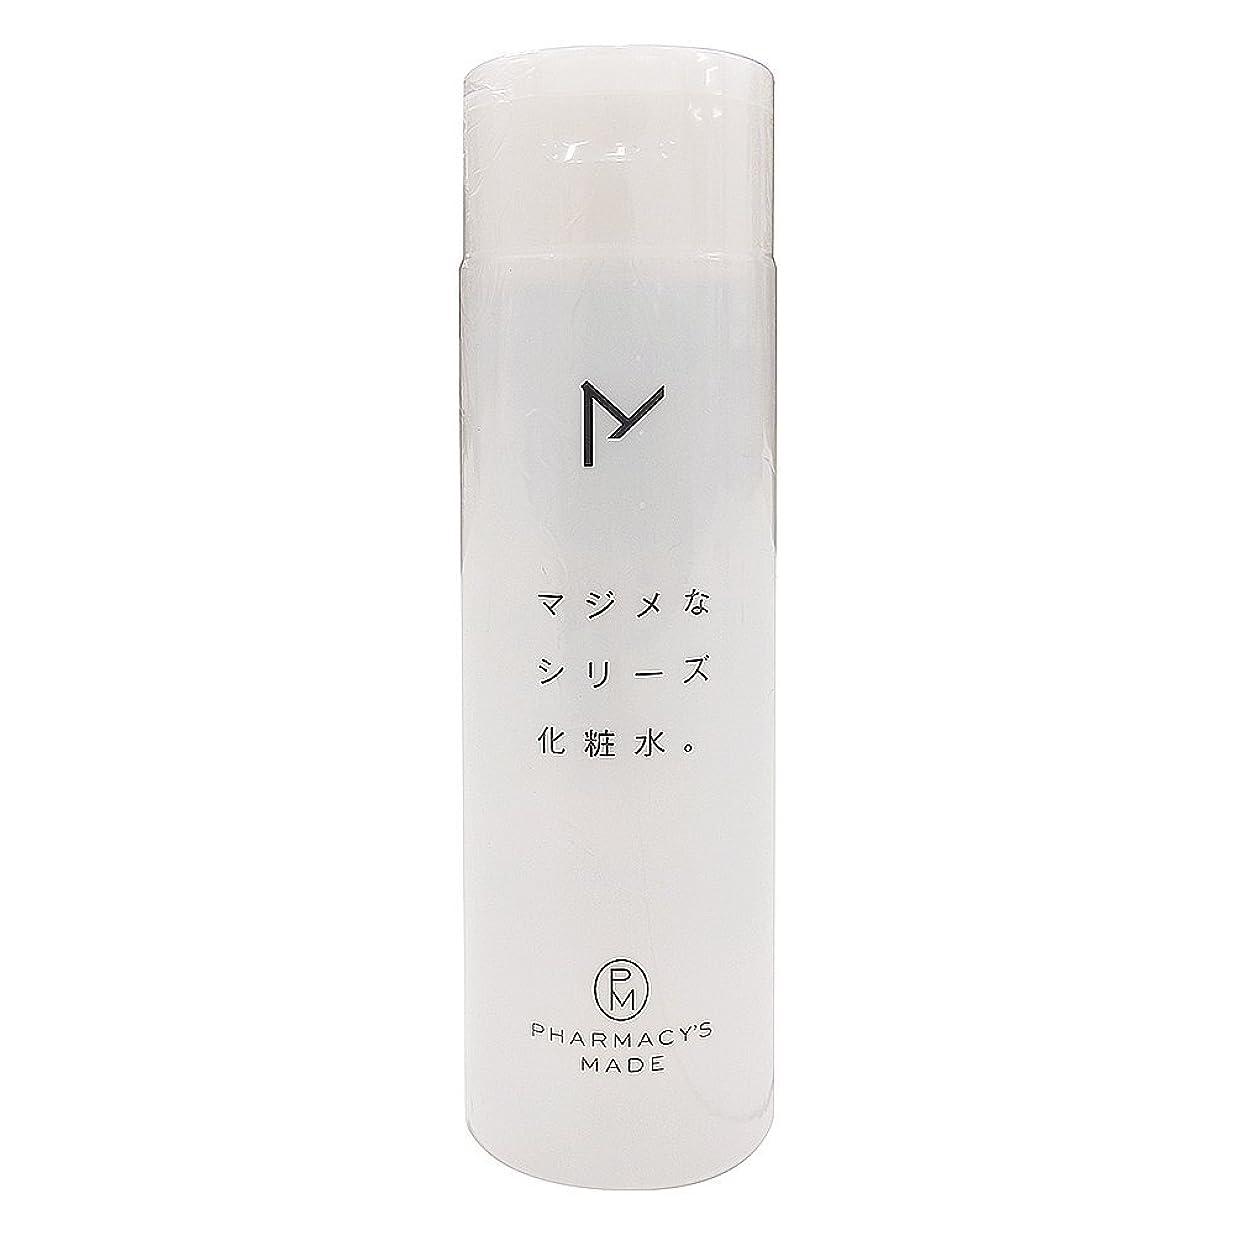 シビック骨髄十分水橋保寿堂製薬 マジメなシリーズ化粧水。 200ml